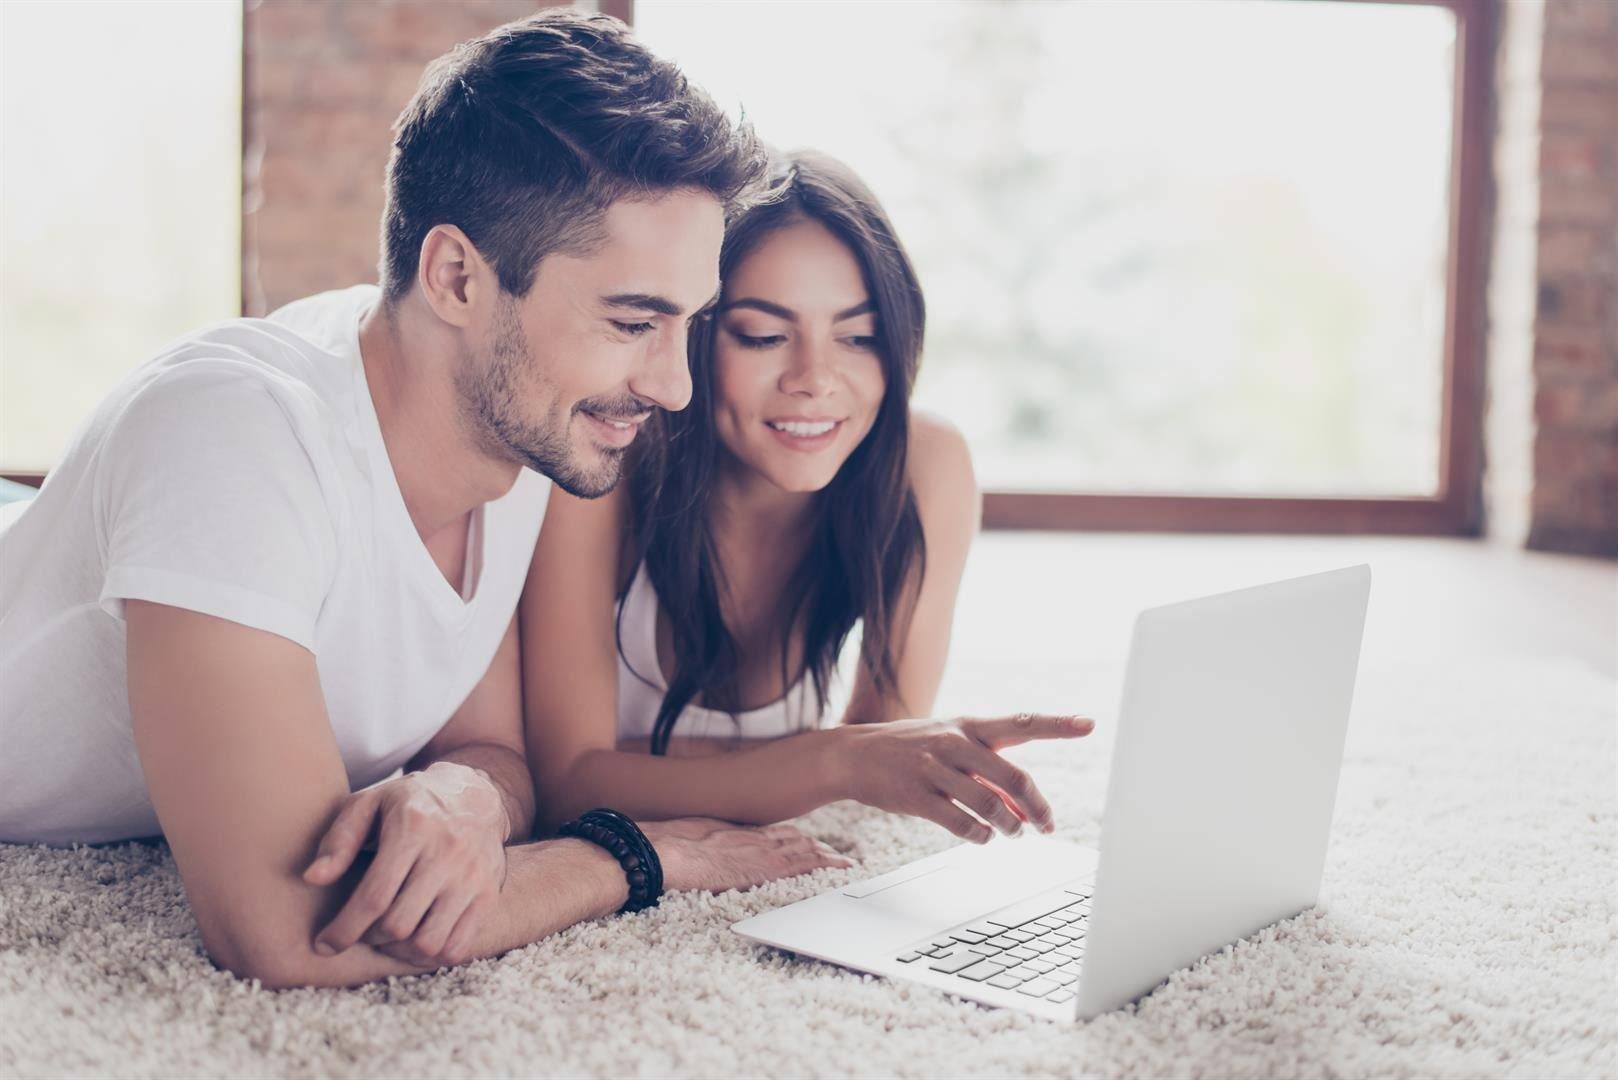 hiw-e-commerce-ecommerce-lösungen-online-handel